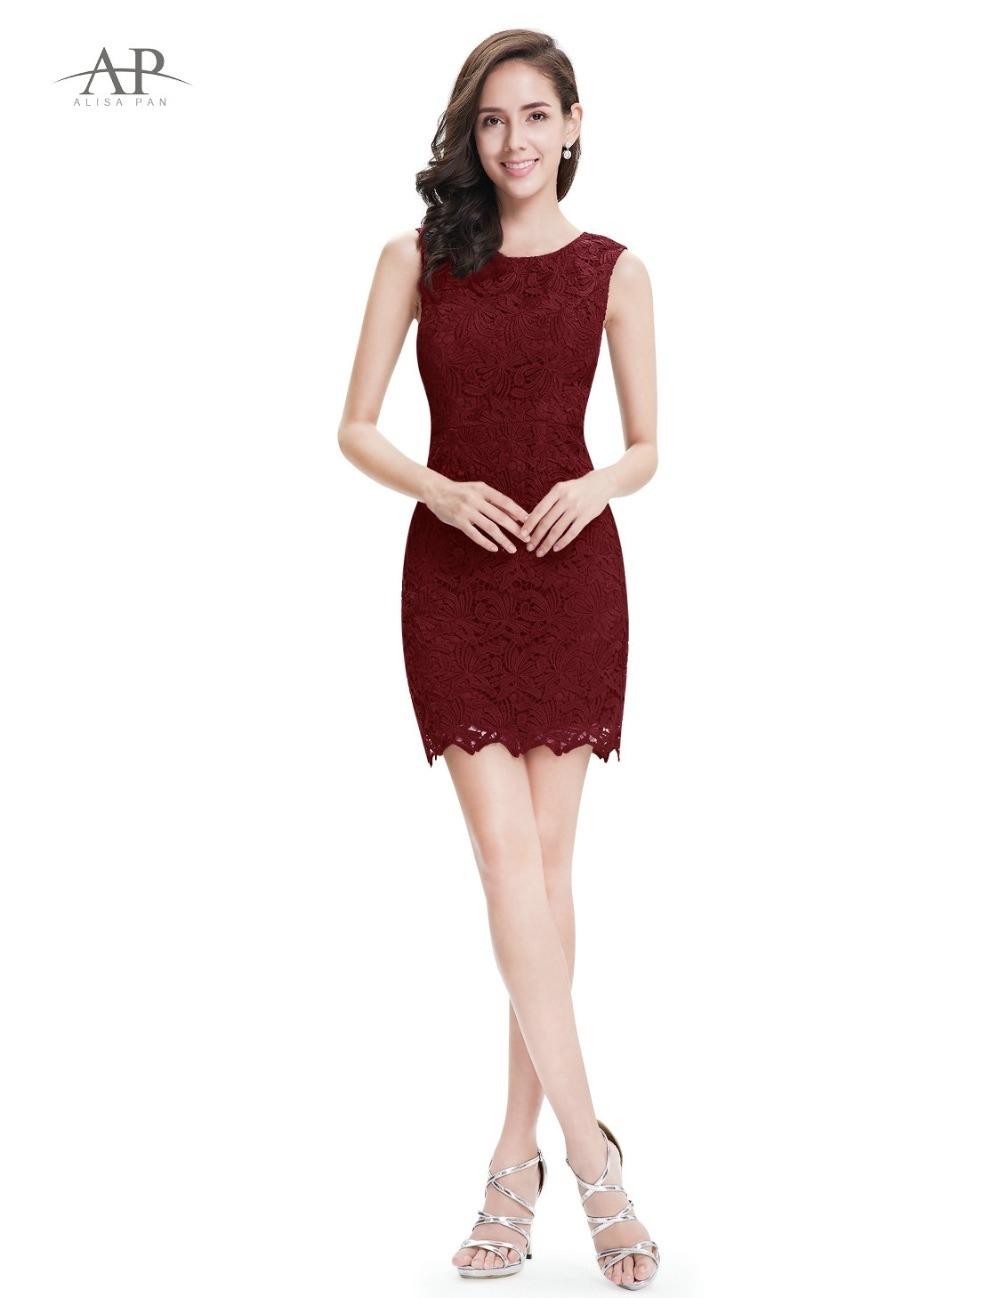 Abend Schön Moderne Elegante Kleider Spezialgebiet17 Perfekt Moderne Elegante Kleider Vertrieb